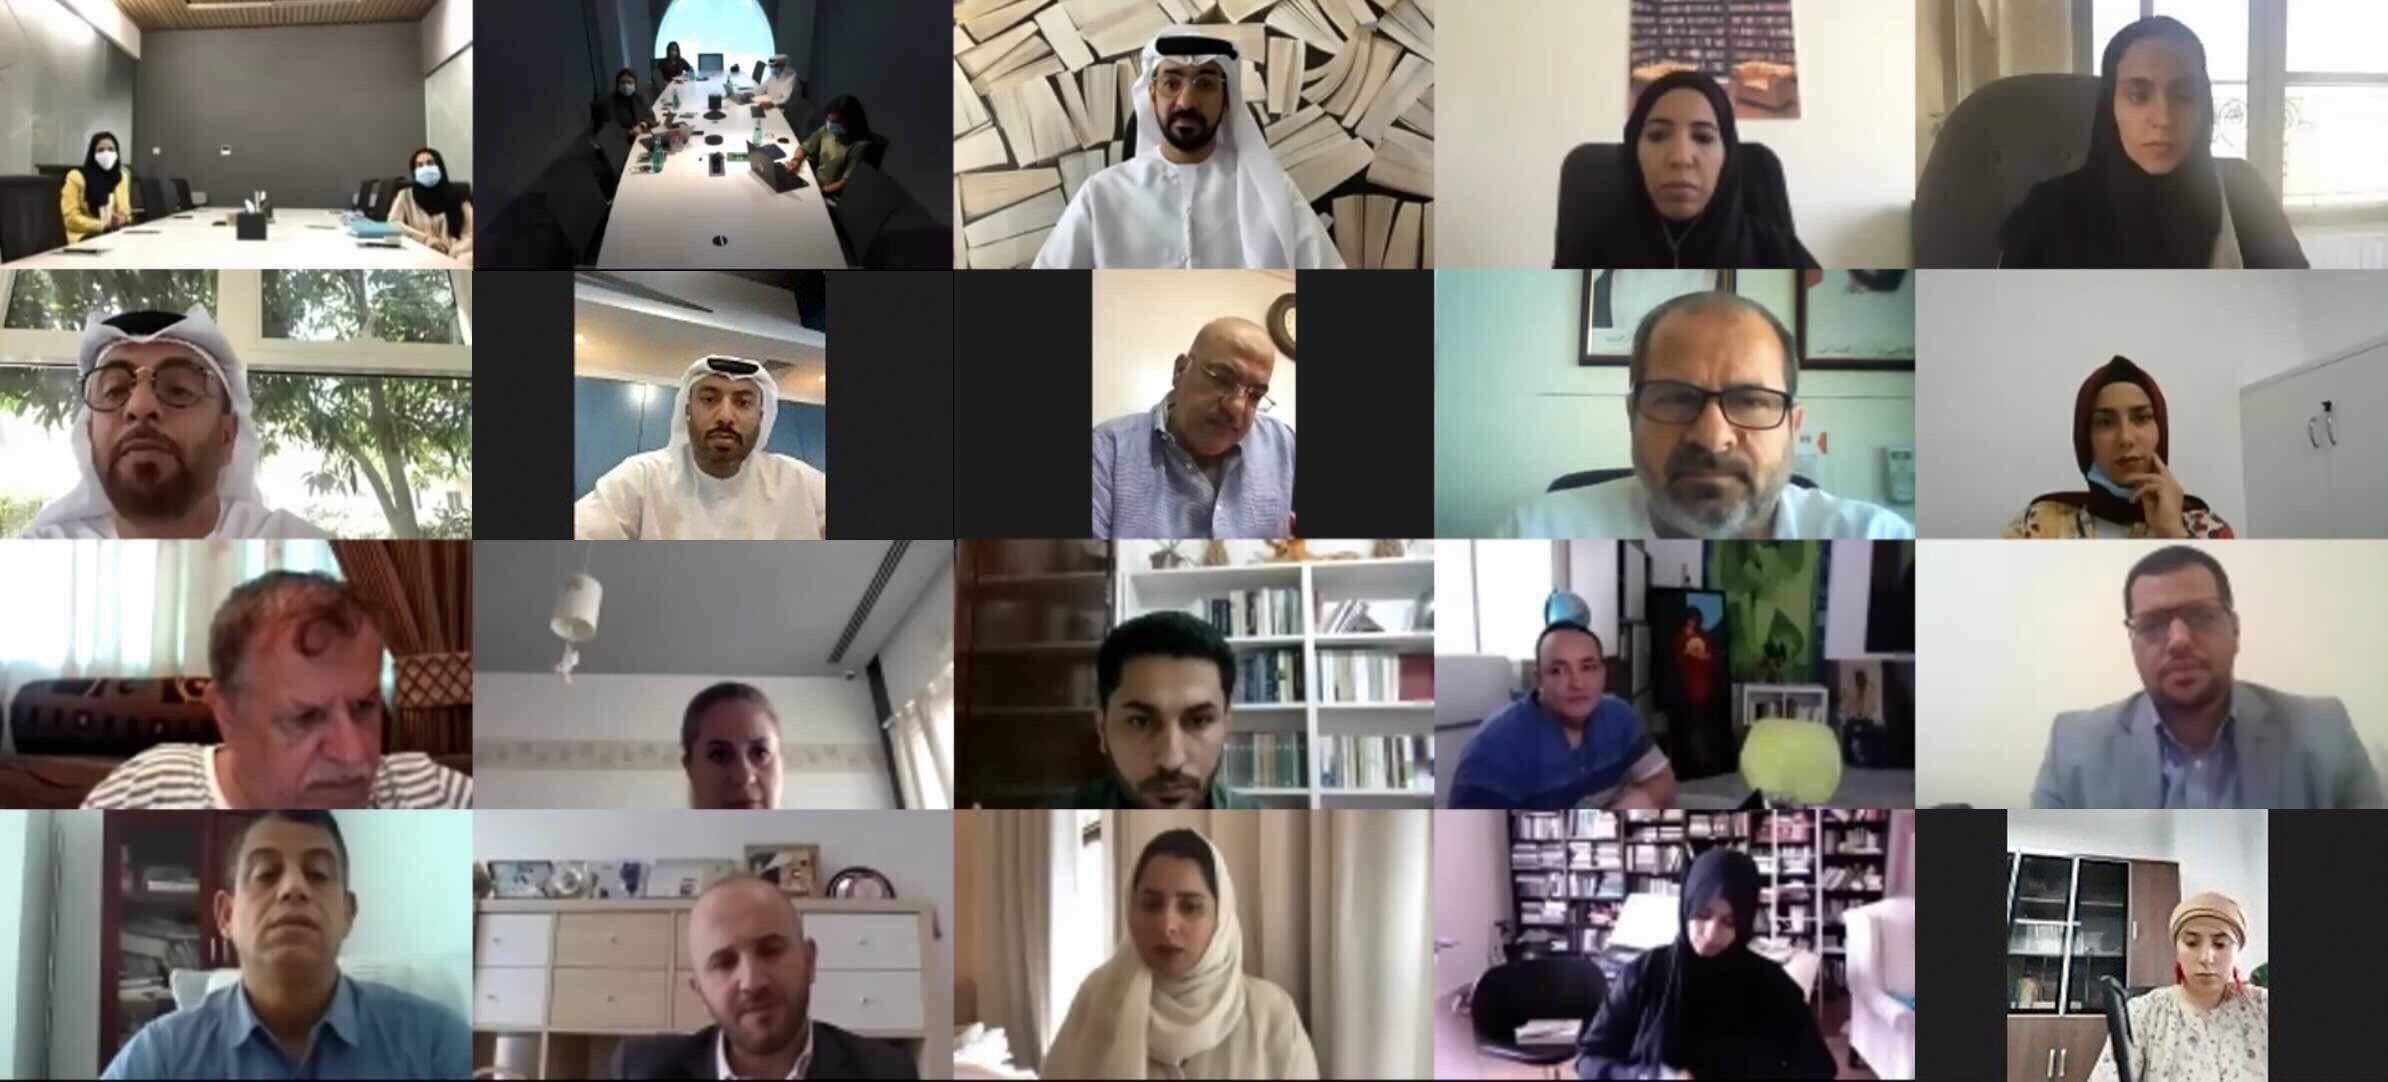 خلال اجتماع جمعية الناشرين الإماراتيين مع الناشرين